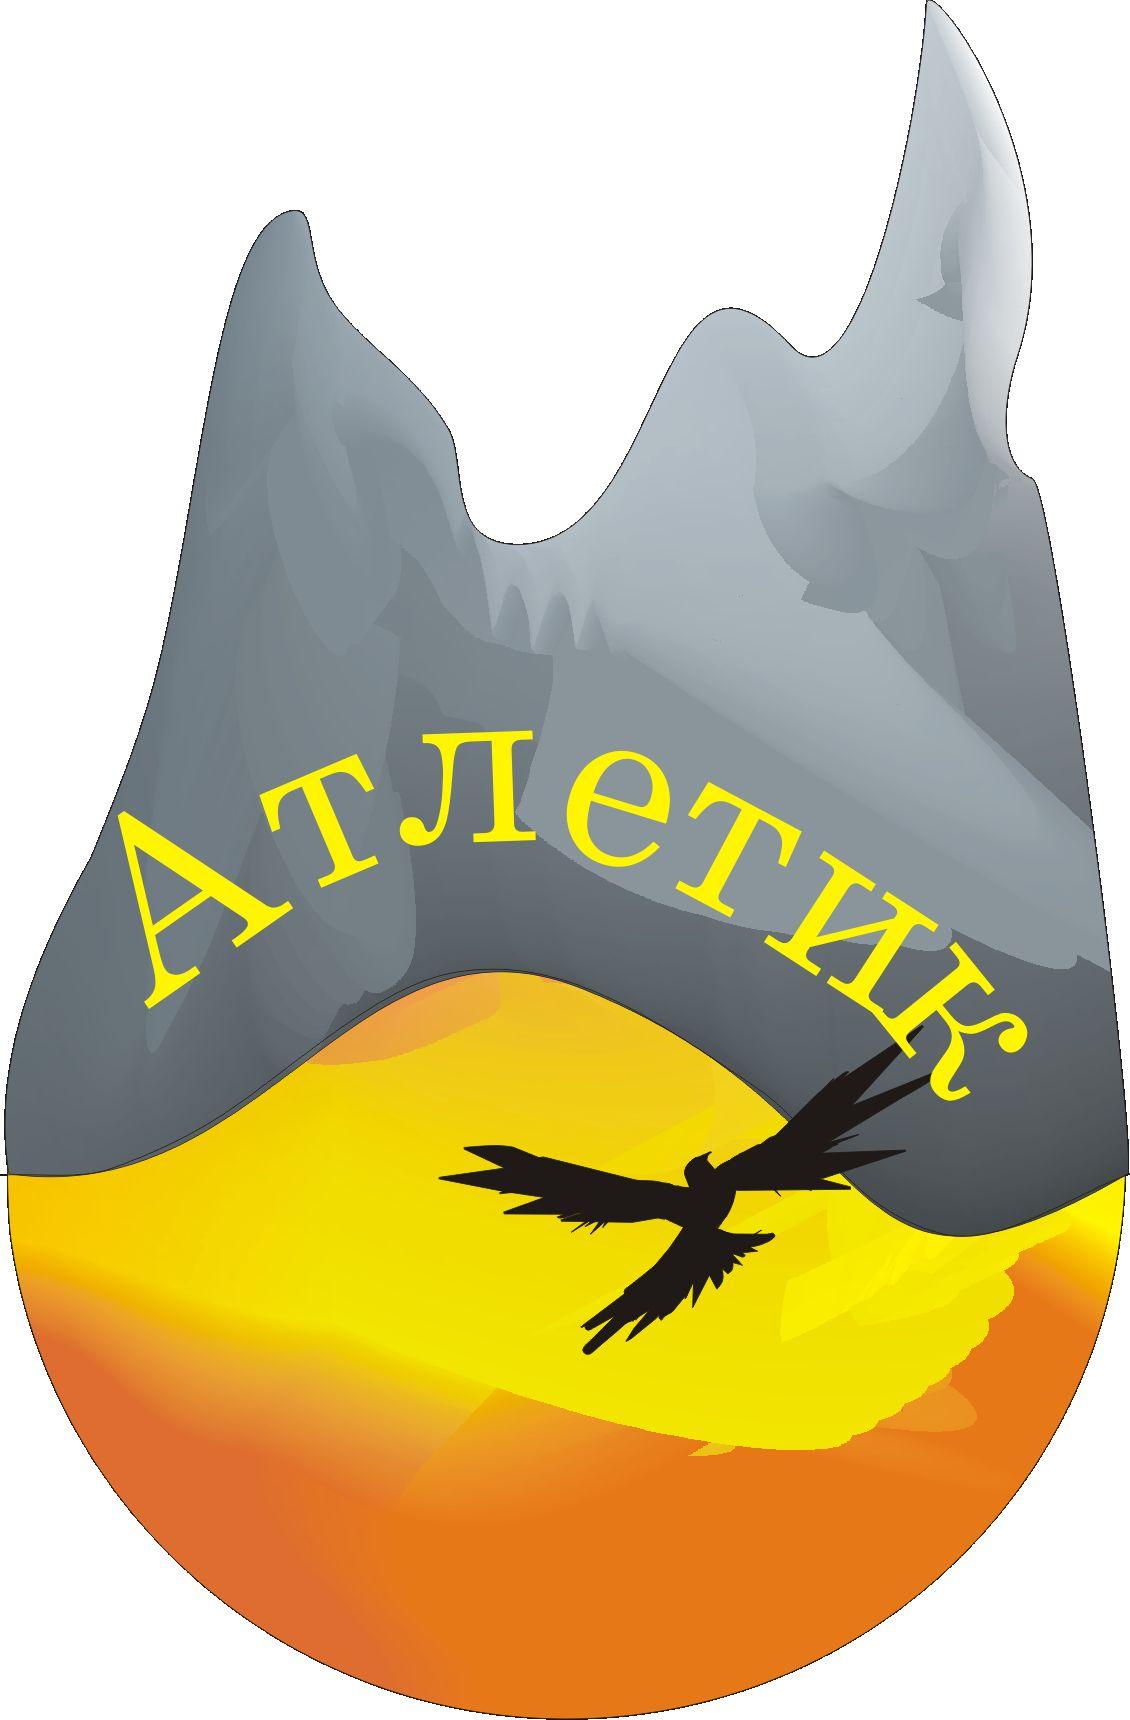 Логотип для Футбольного клуба  - дизайнер PoLINA